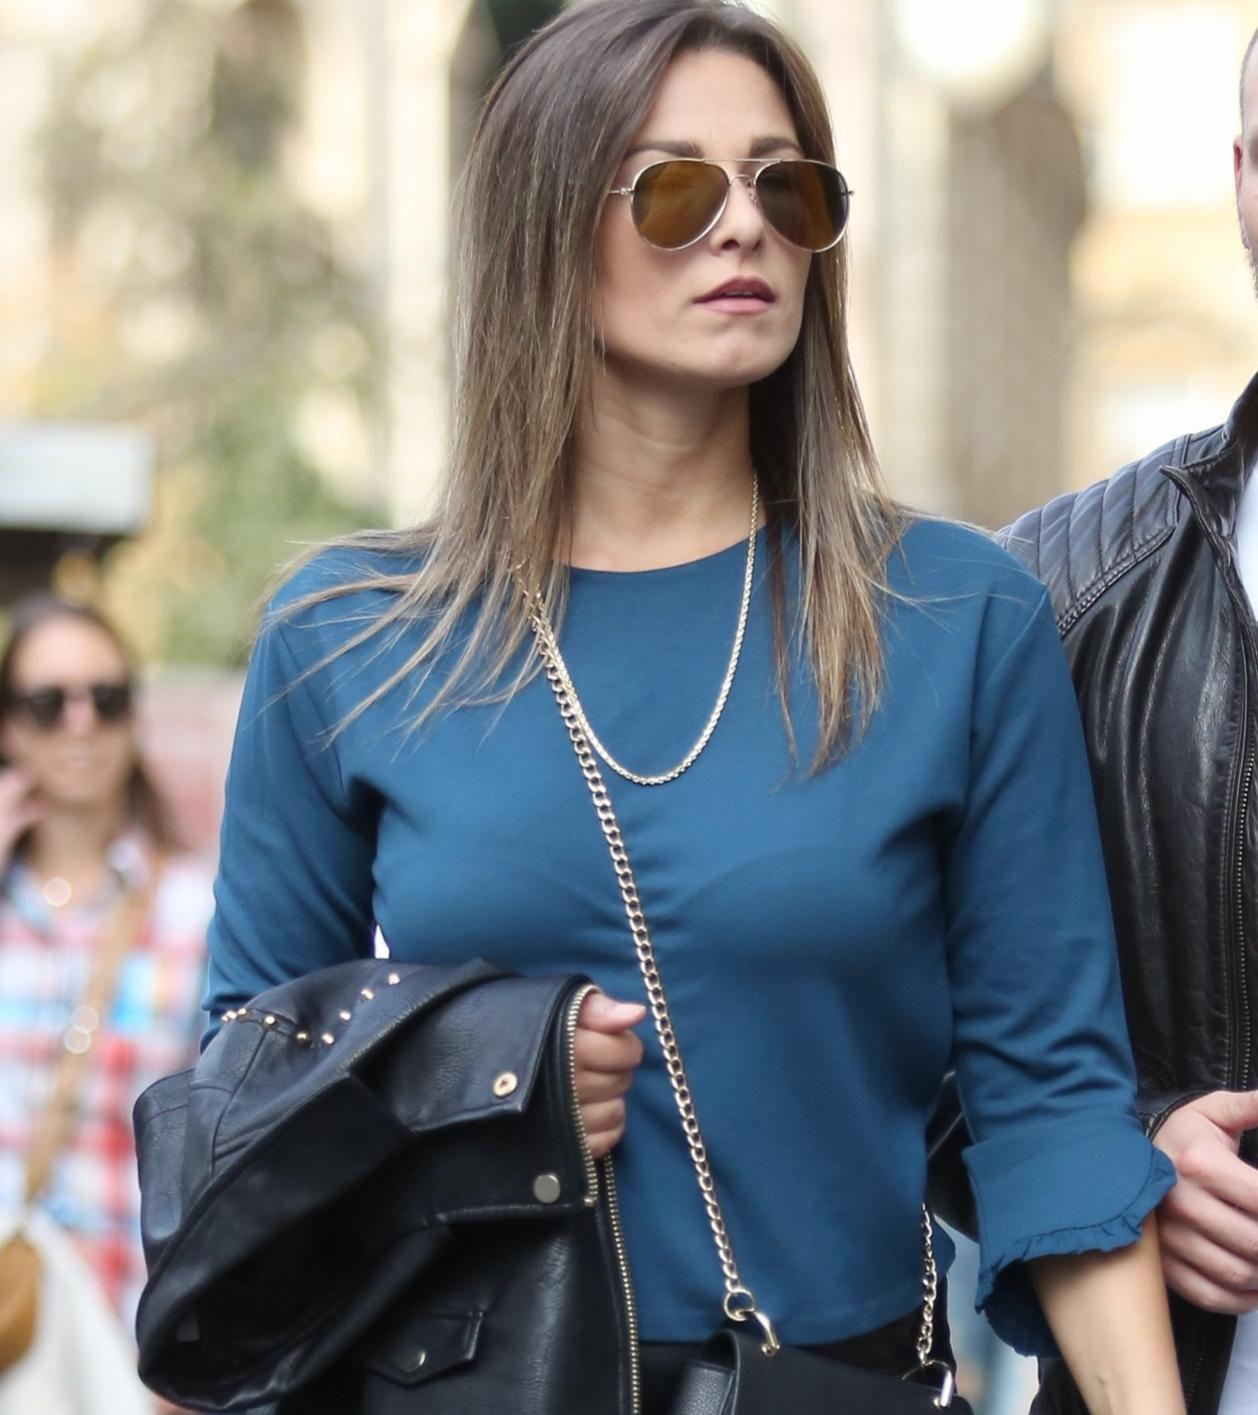 Ona zna kako kožnu suknju nositi i u dnevnim prigodama, a pritom izgledati fantastično